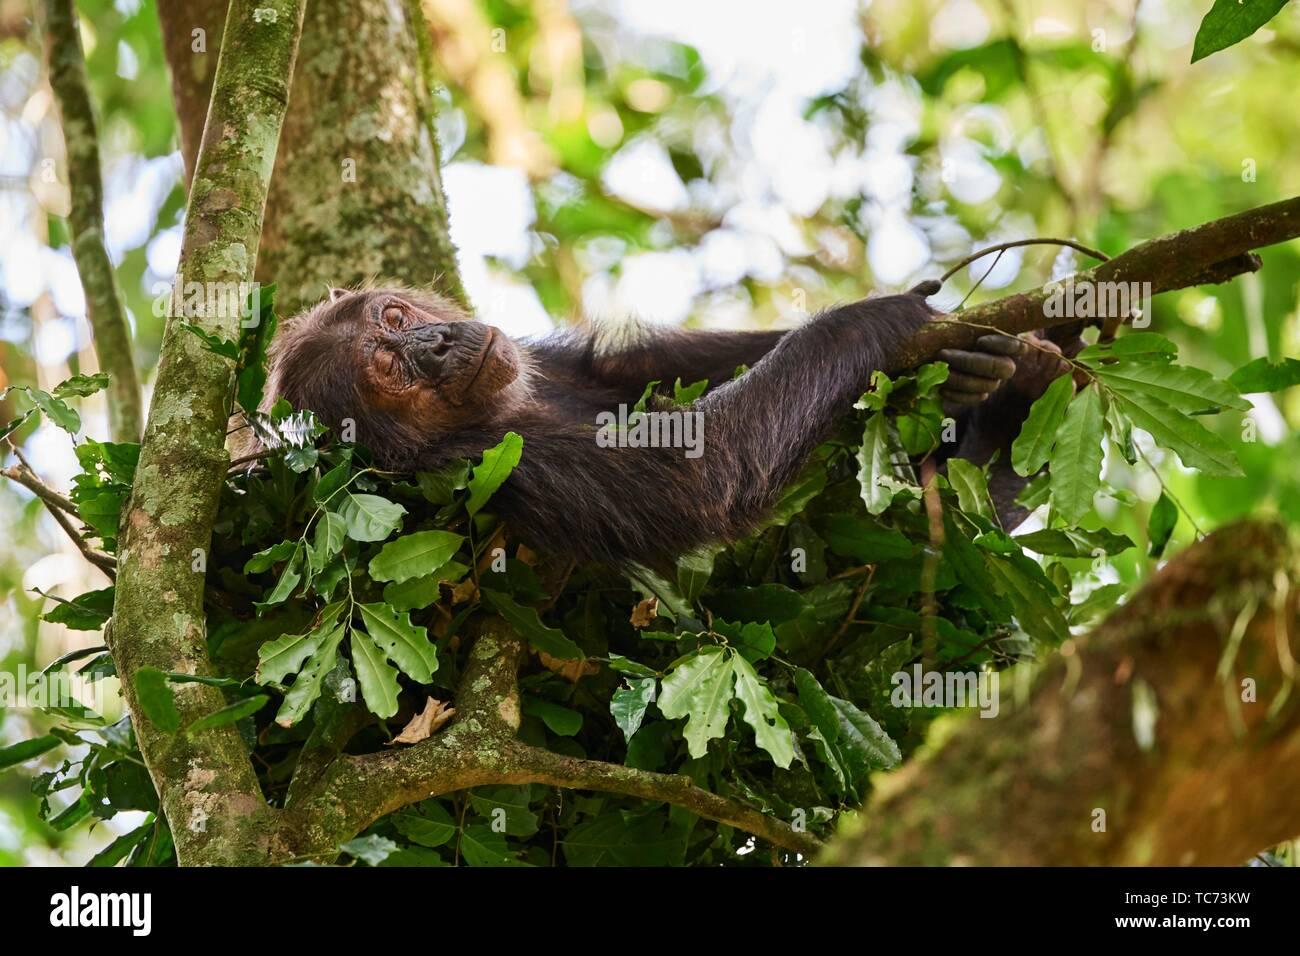 Weibliche Schimpansen (Pan troglodytes schweinfurthii) Schlafen in einem Nest in einem Baum gebaut. Kibale Nationalpark, Uganda. Stockbild